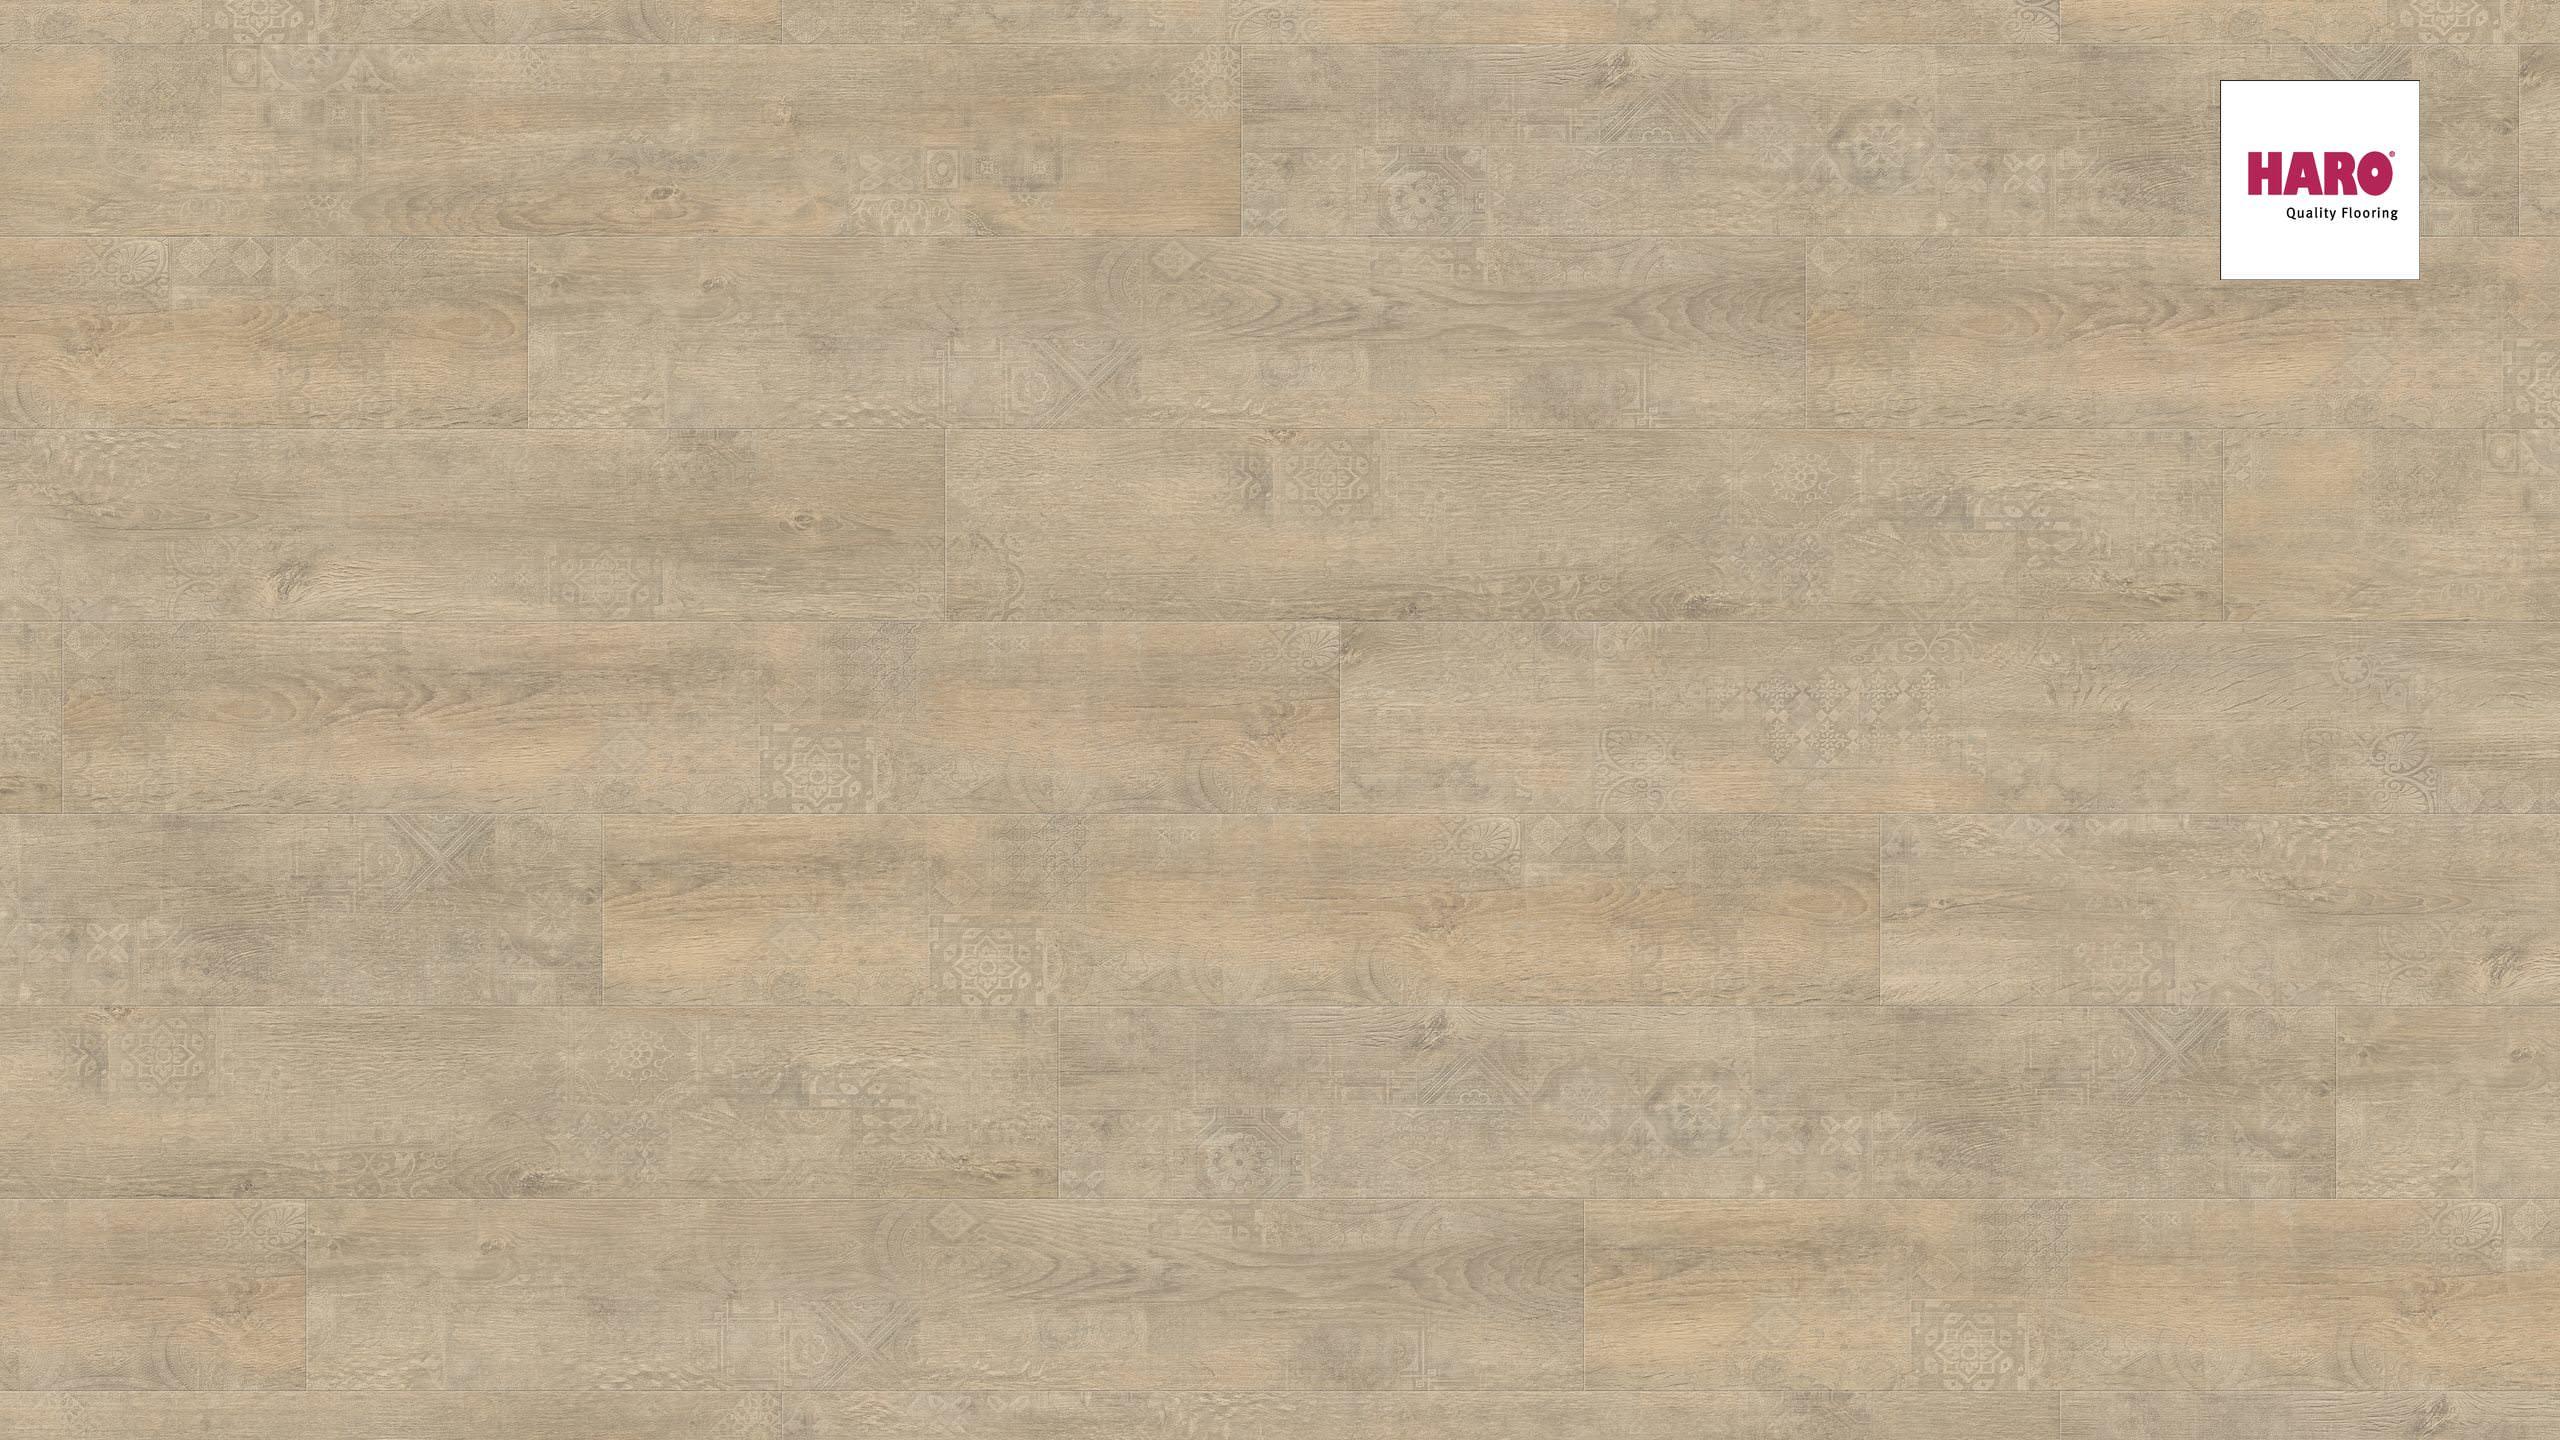 om-media-custom-produktfinder-laminat-draufsicht-fullscreen-538690_HARO_Laminatboden_Landhausdiele_4V_StoneWood-creme_soft-matt_Ver